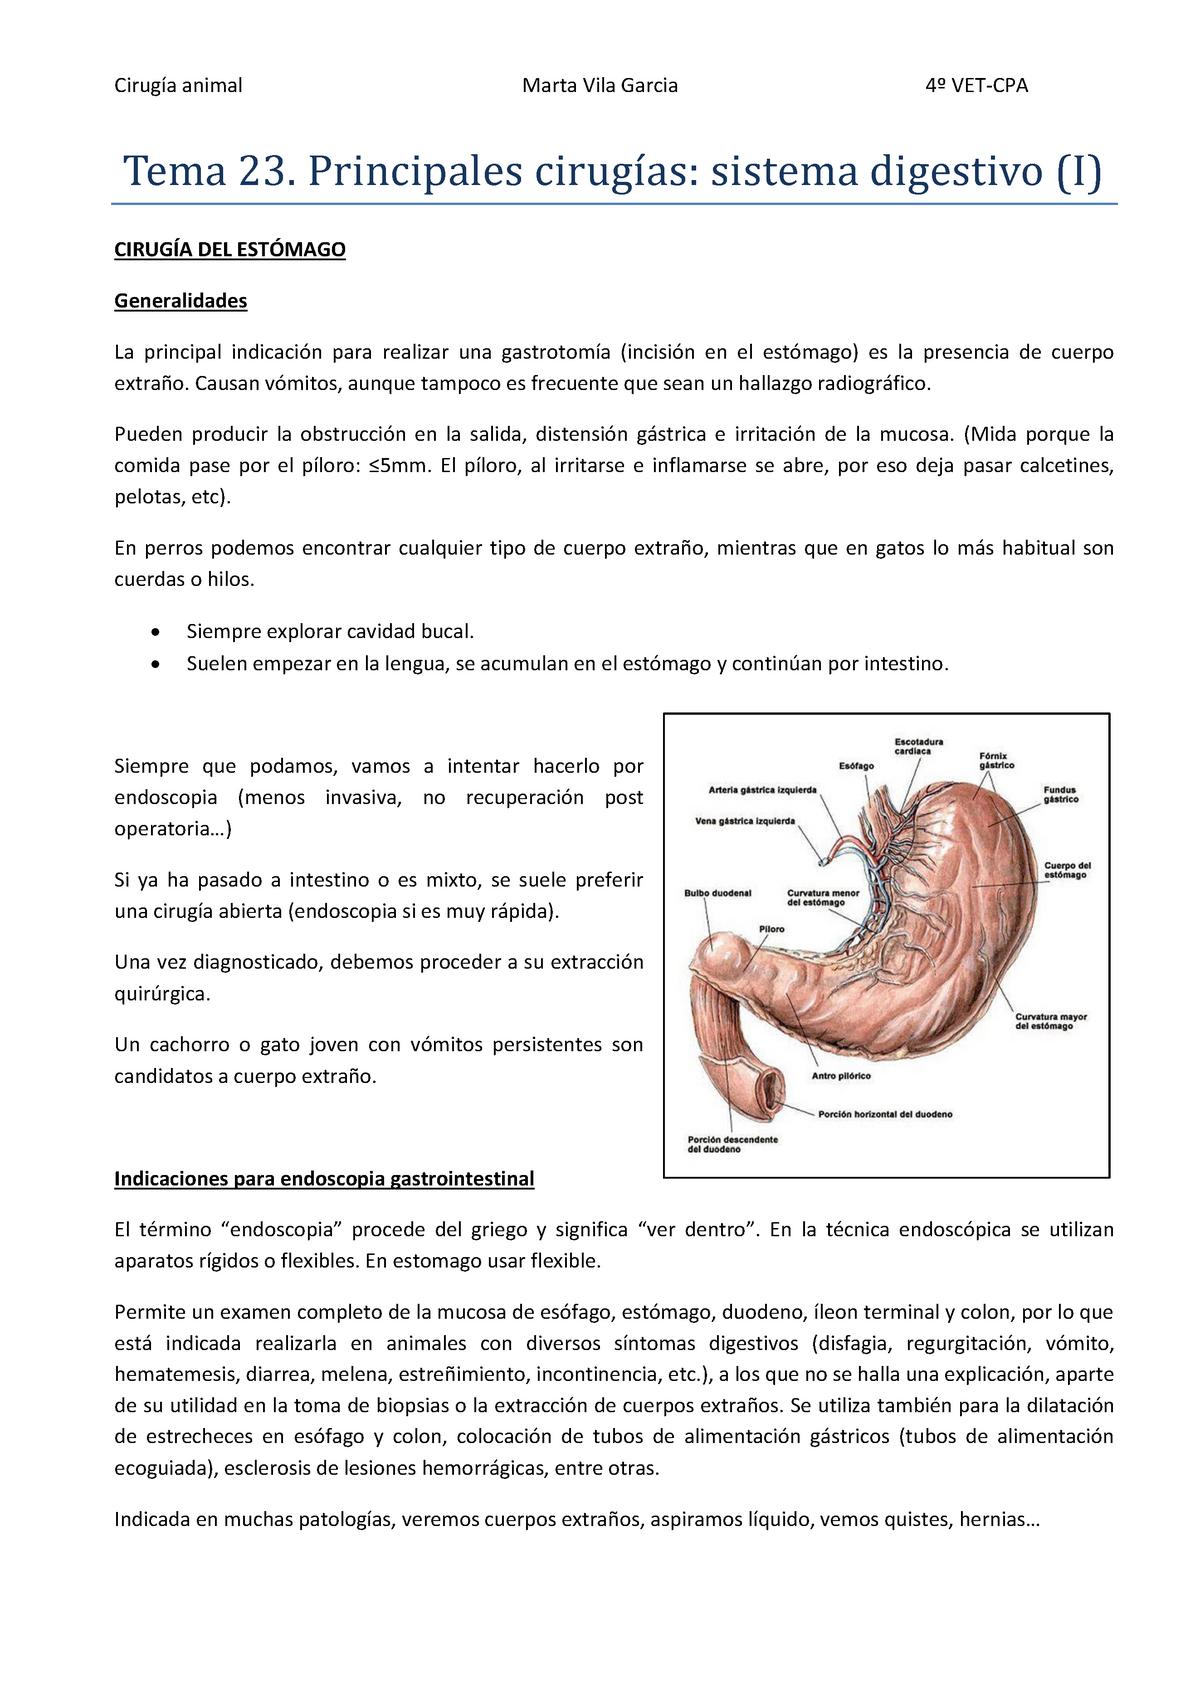 dieta pos sutura endoscopica